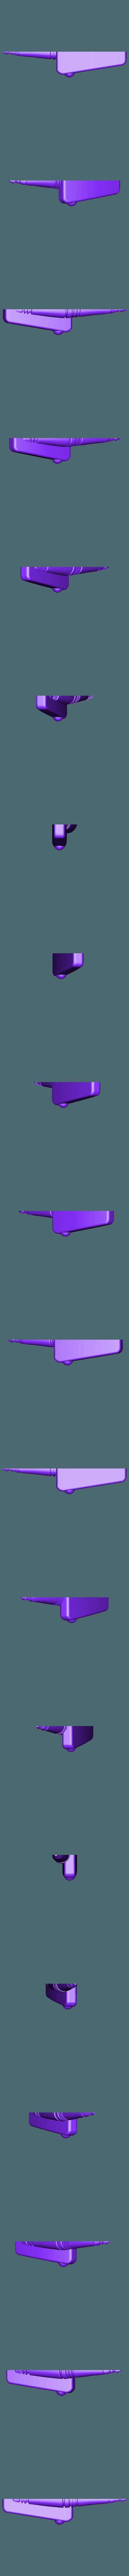 scalosian_part_1_v2.stl Télécharger fichier STL gratuit Arme scalosienne TOS • Objet à imprimer en 3D, poblocki1982